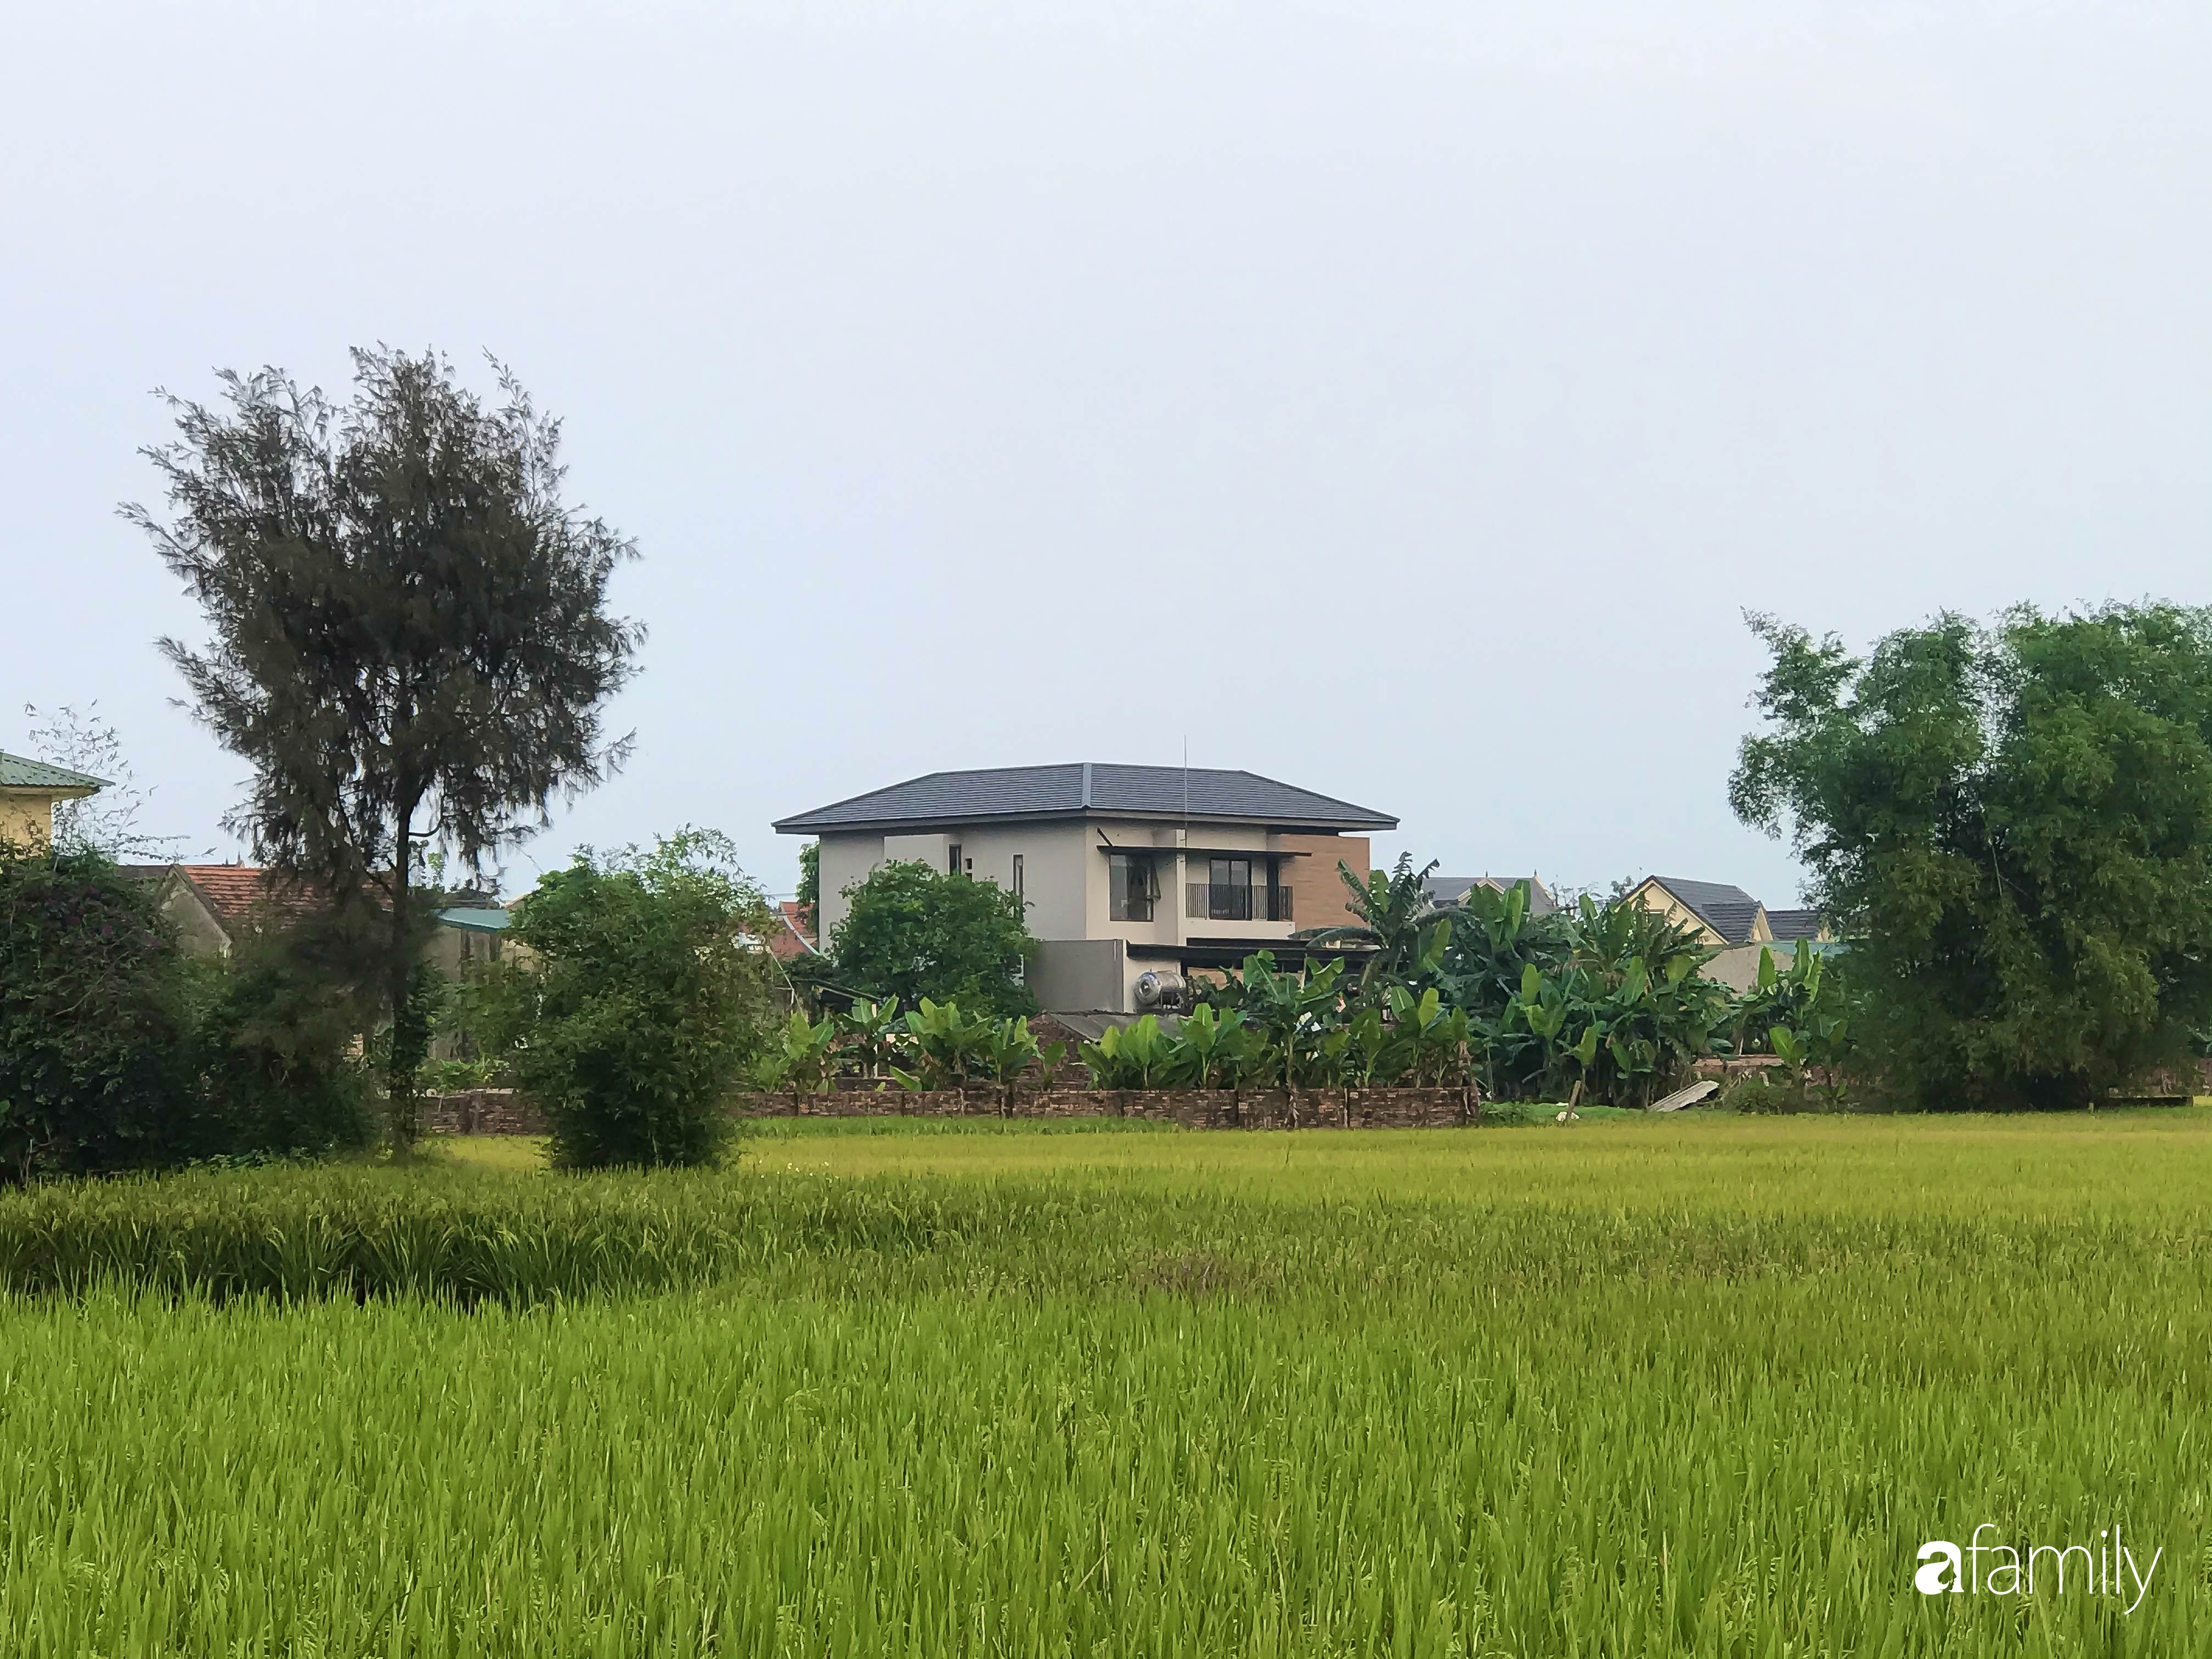 Con trai là KTS xây nhà 2 tầng nhìn thẳng ra cánh đồng lúa với thiết kế tiện dụng cho bố mẹ già ở Hà Tĩnh - Ảnh 2.